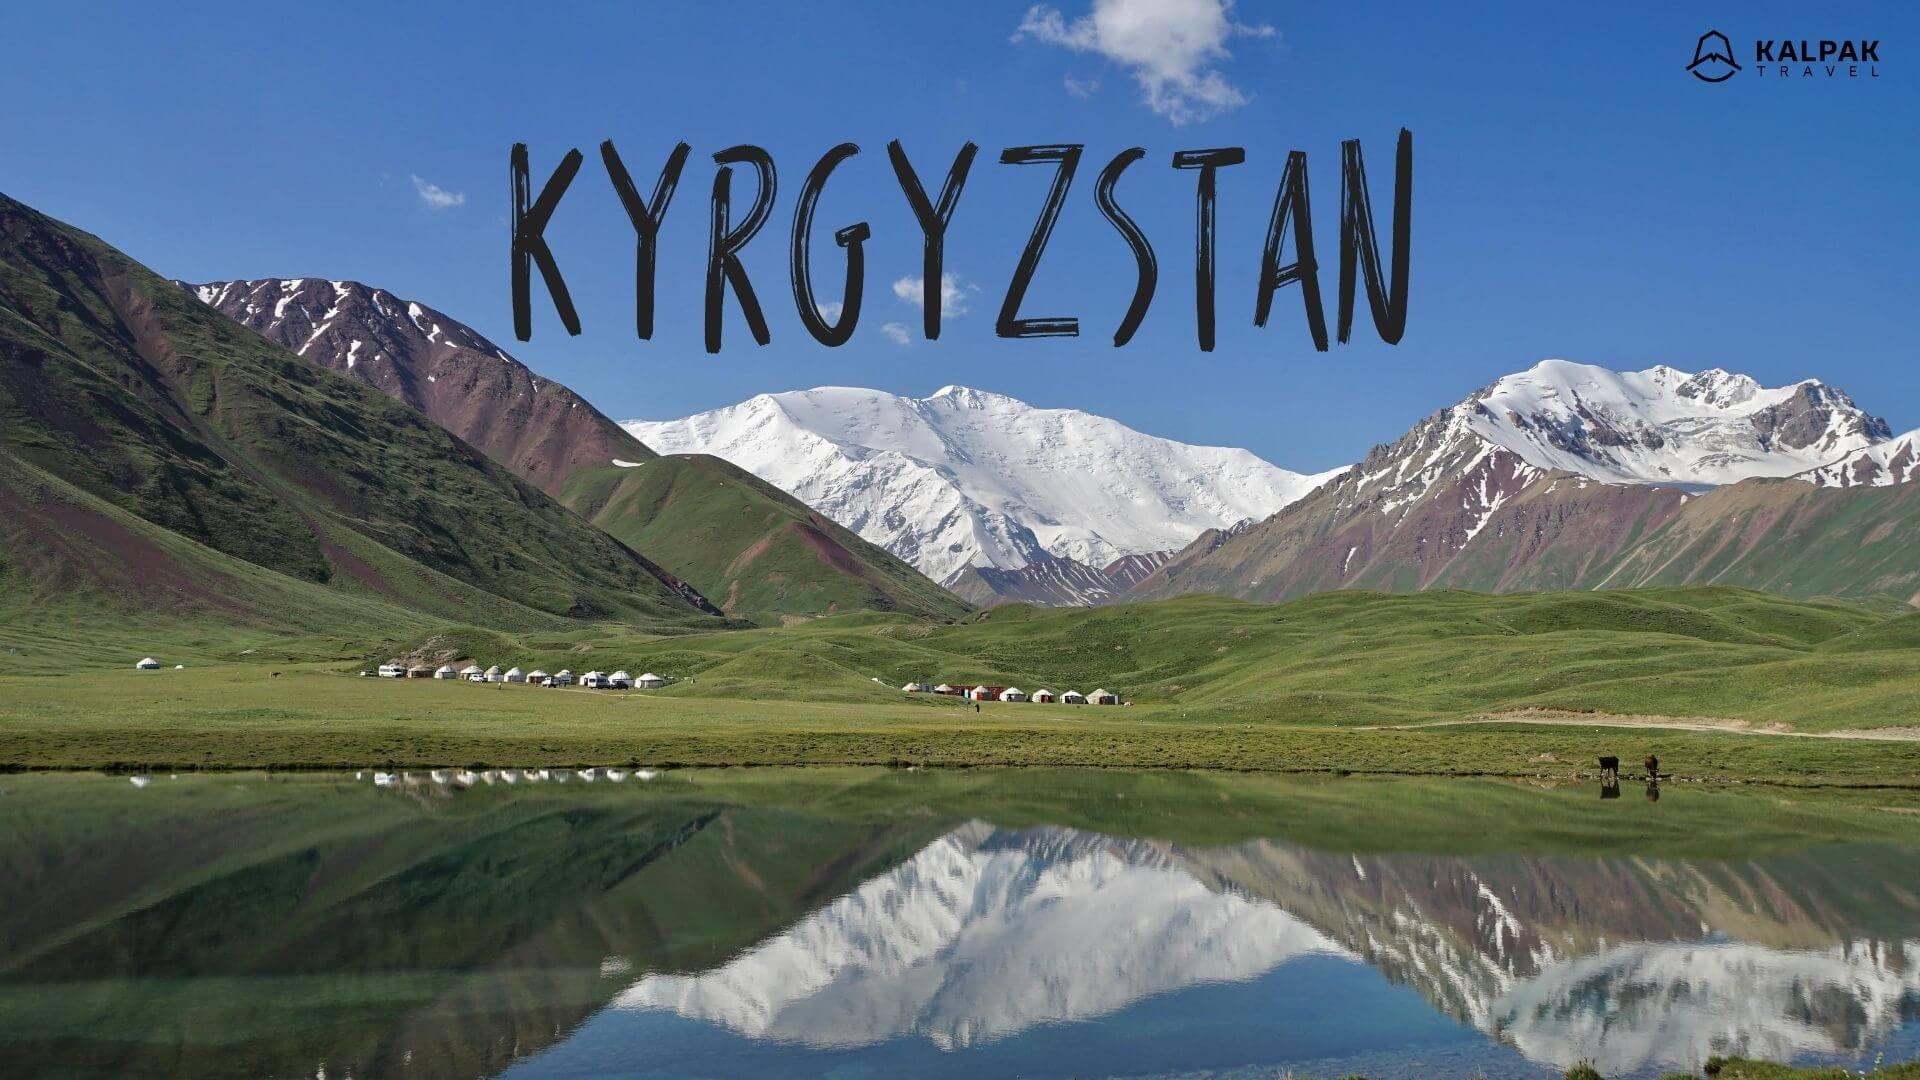 Kyrgyzstan written on mountain landscape